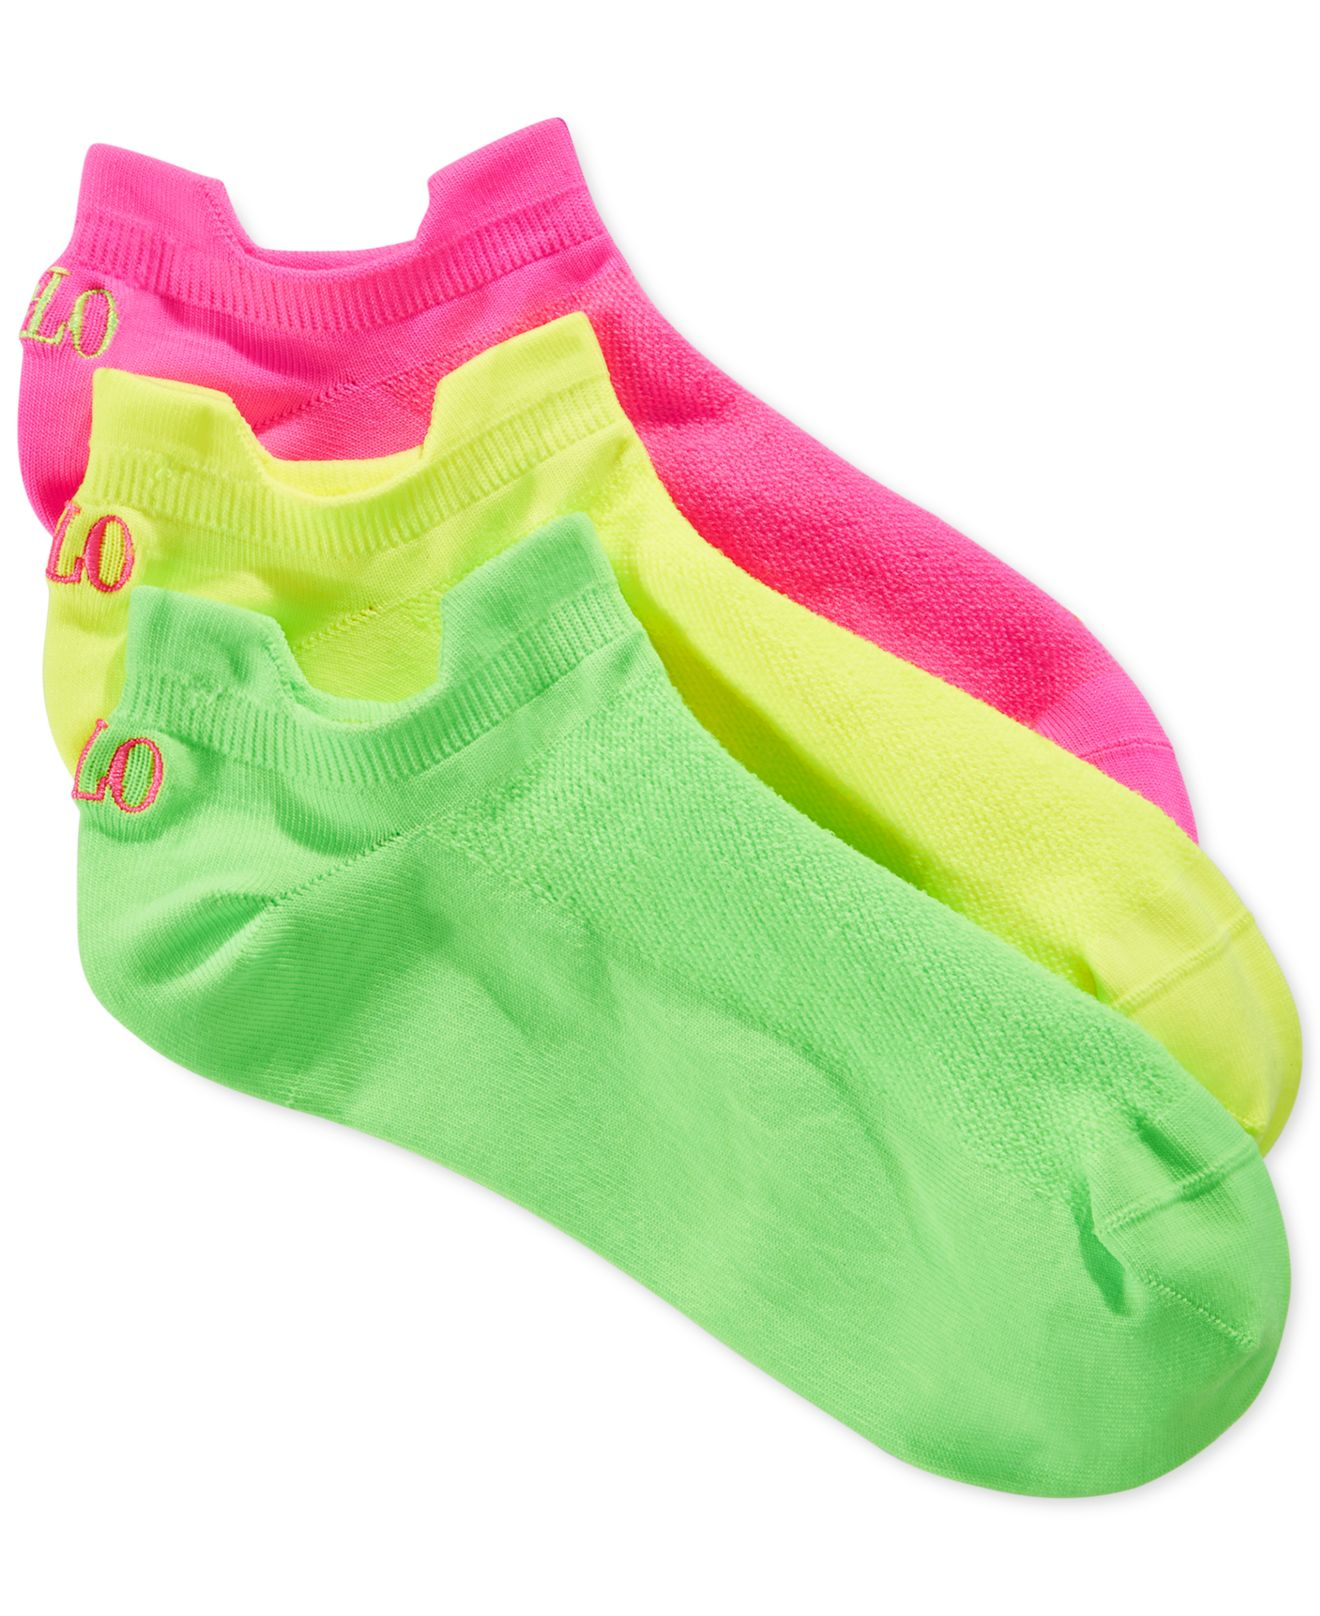 Lyst - Polo Ralph Lauren Women s Microfiber Double Tab Ankle Socks 3 ... a01bfff3f3